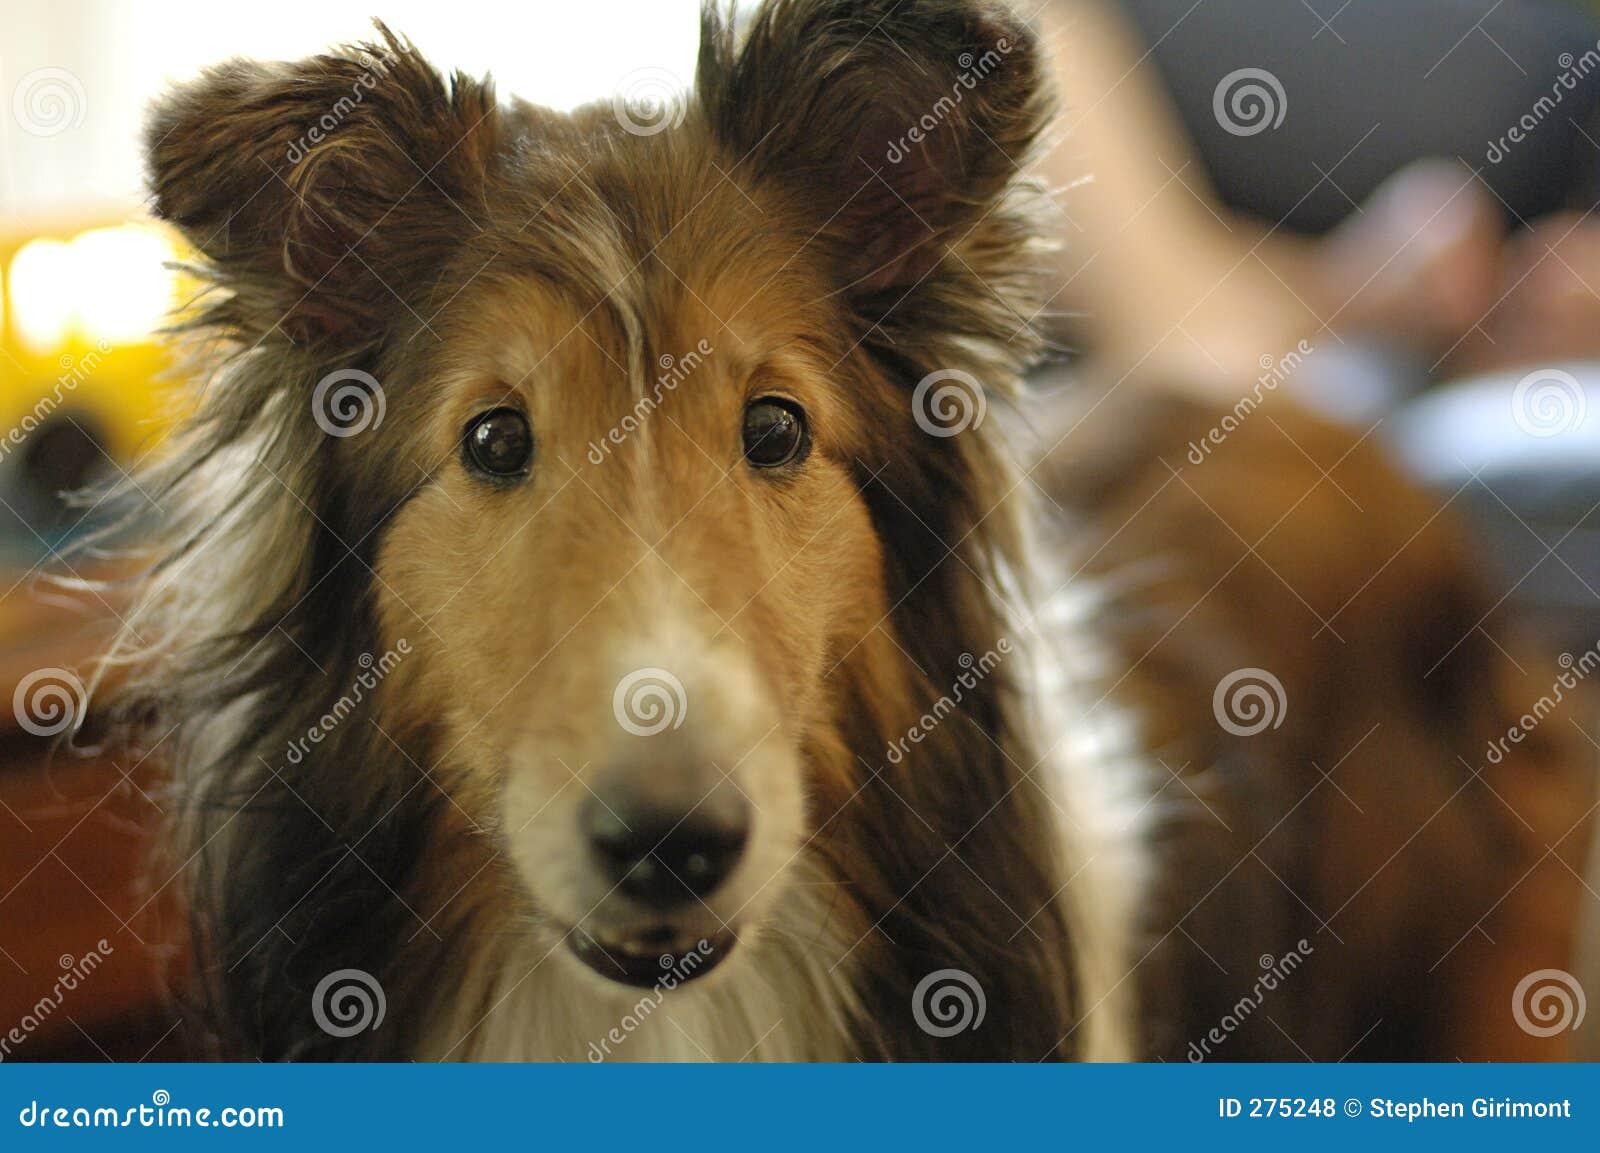 Sheepdog shetland